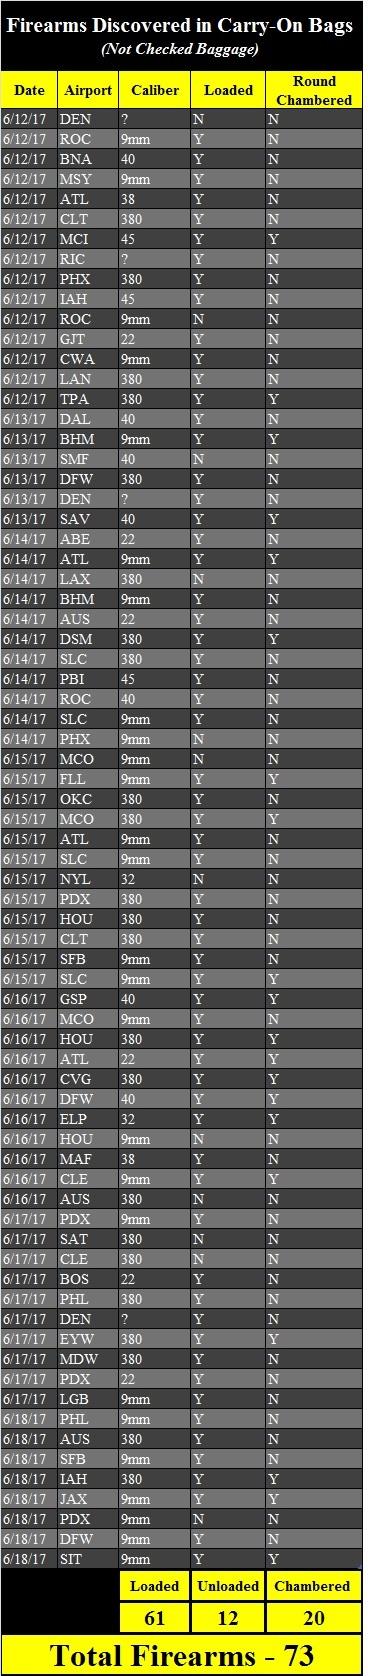 Firearm Discovery Spreadsheet